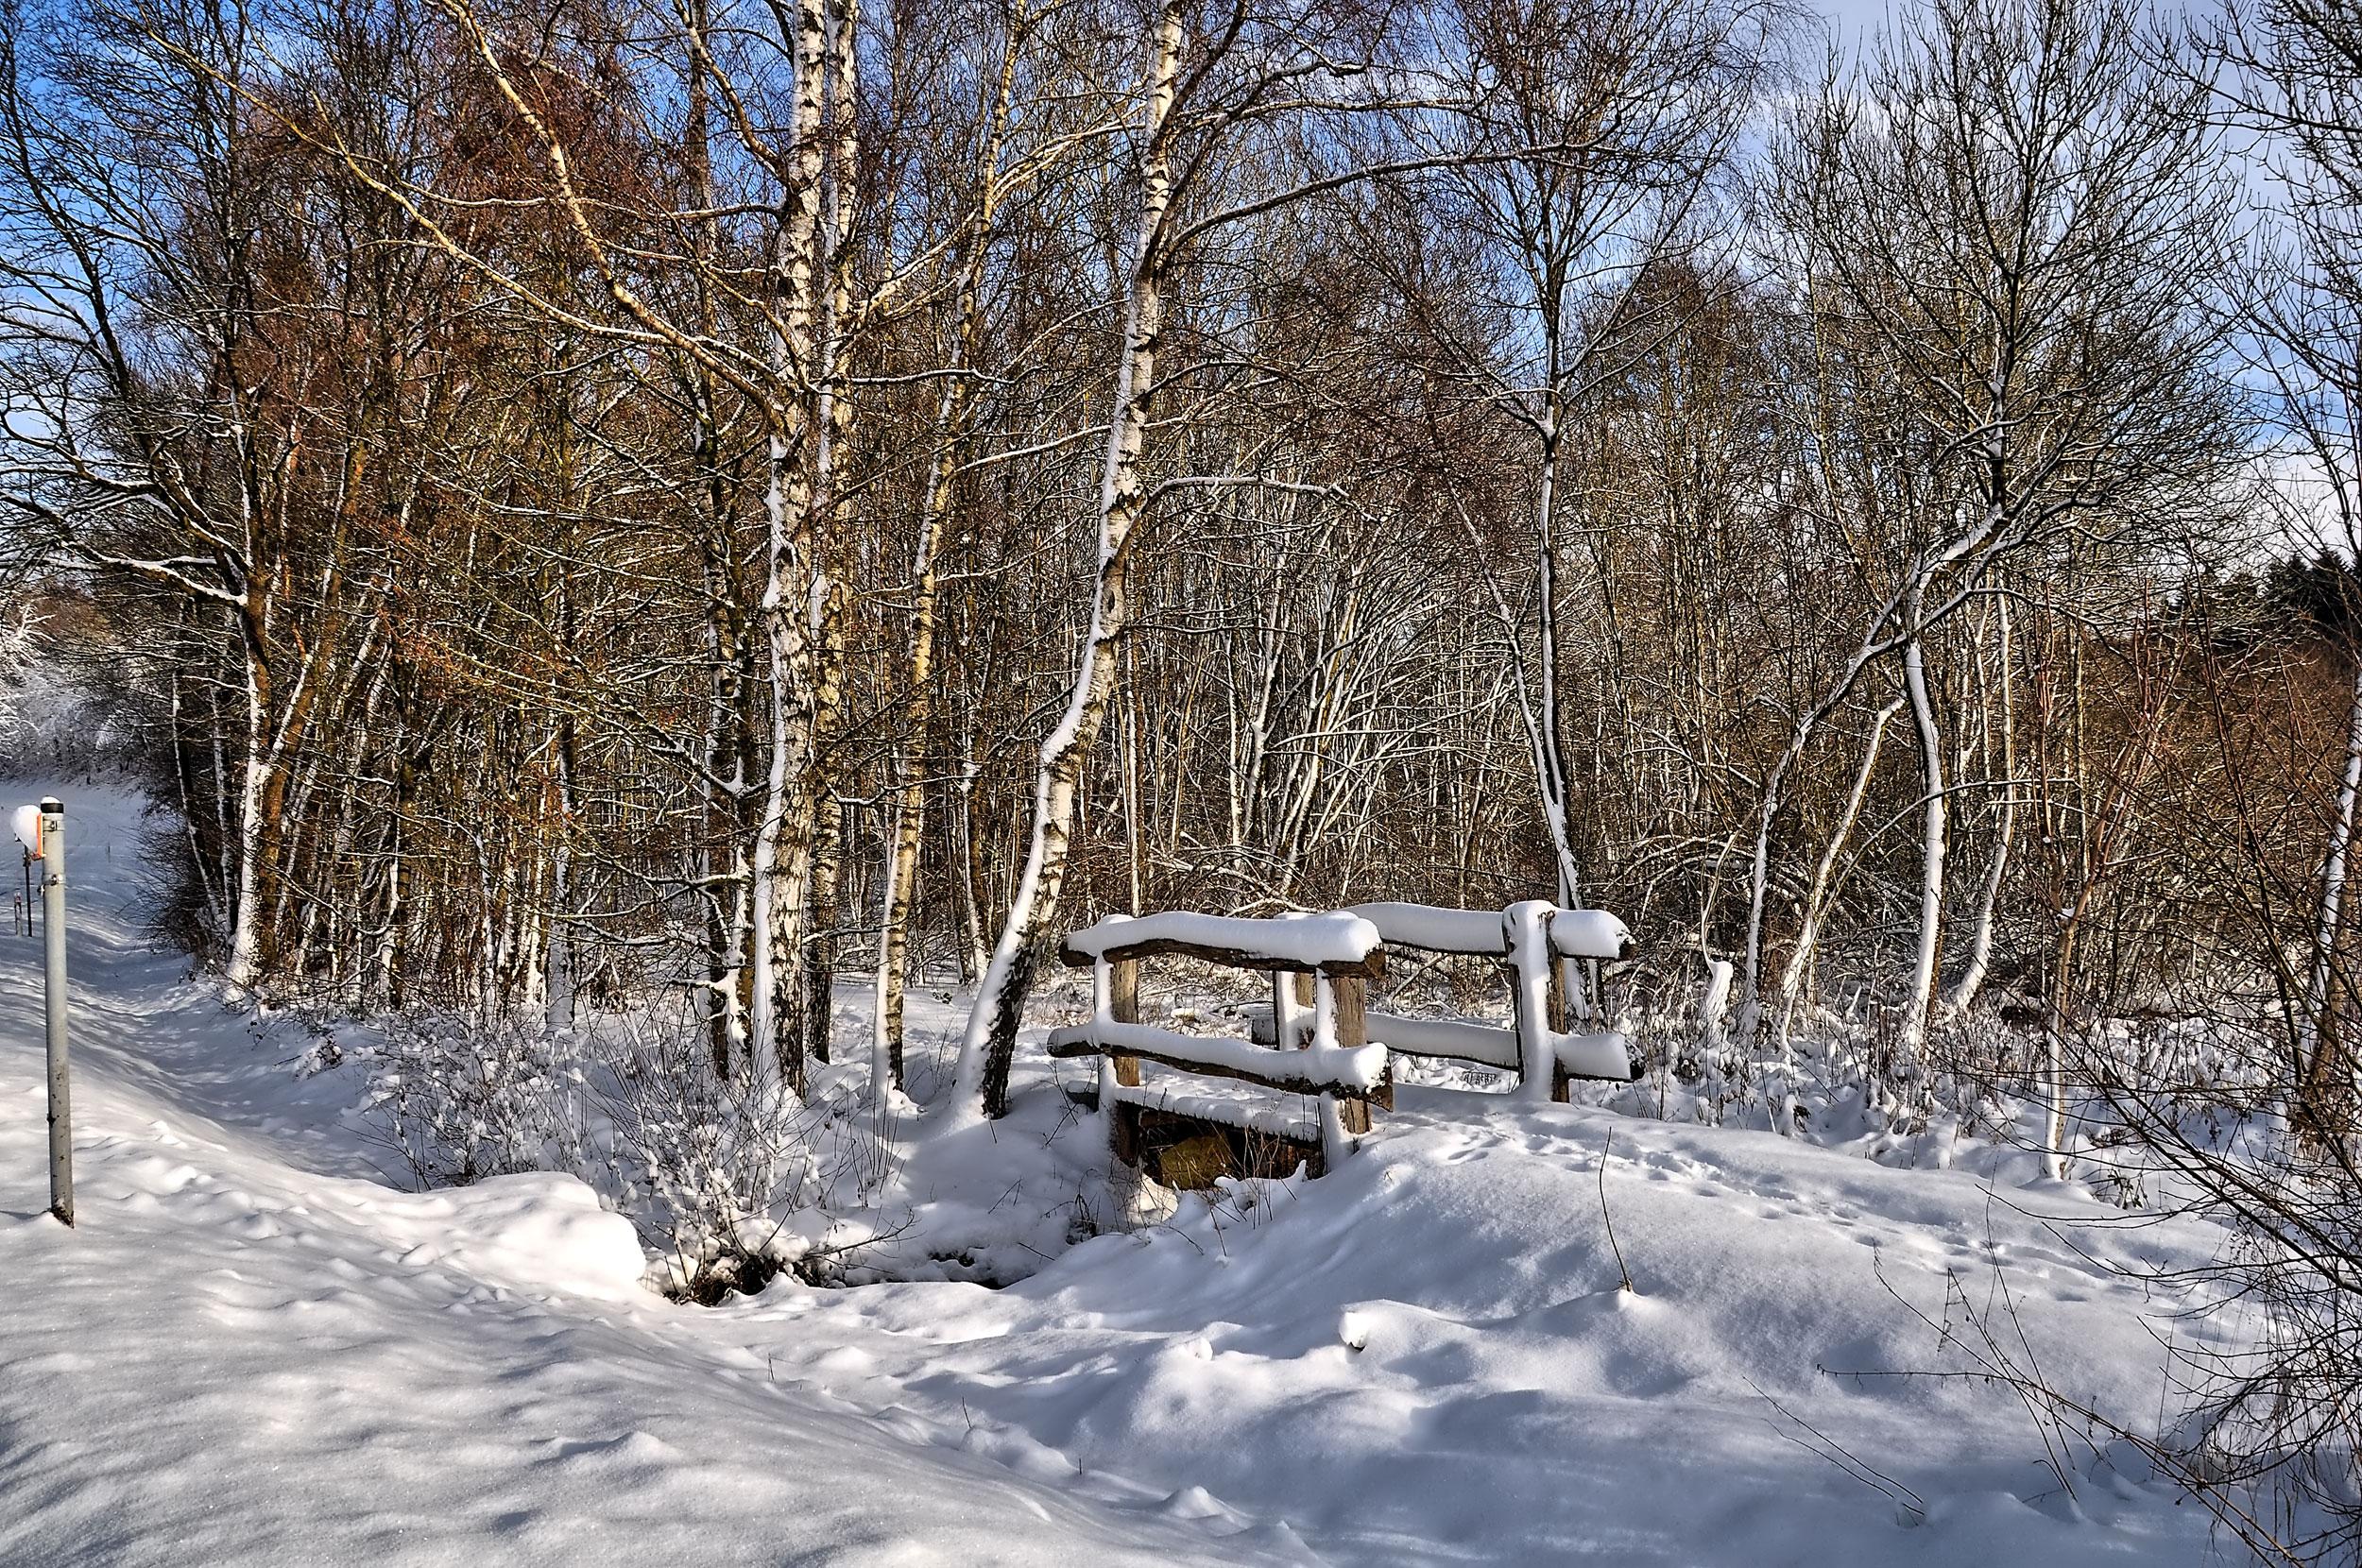 Winterwanderung durchs Sammetbachtal am Holzmaar